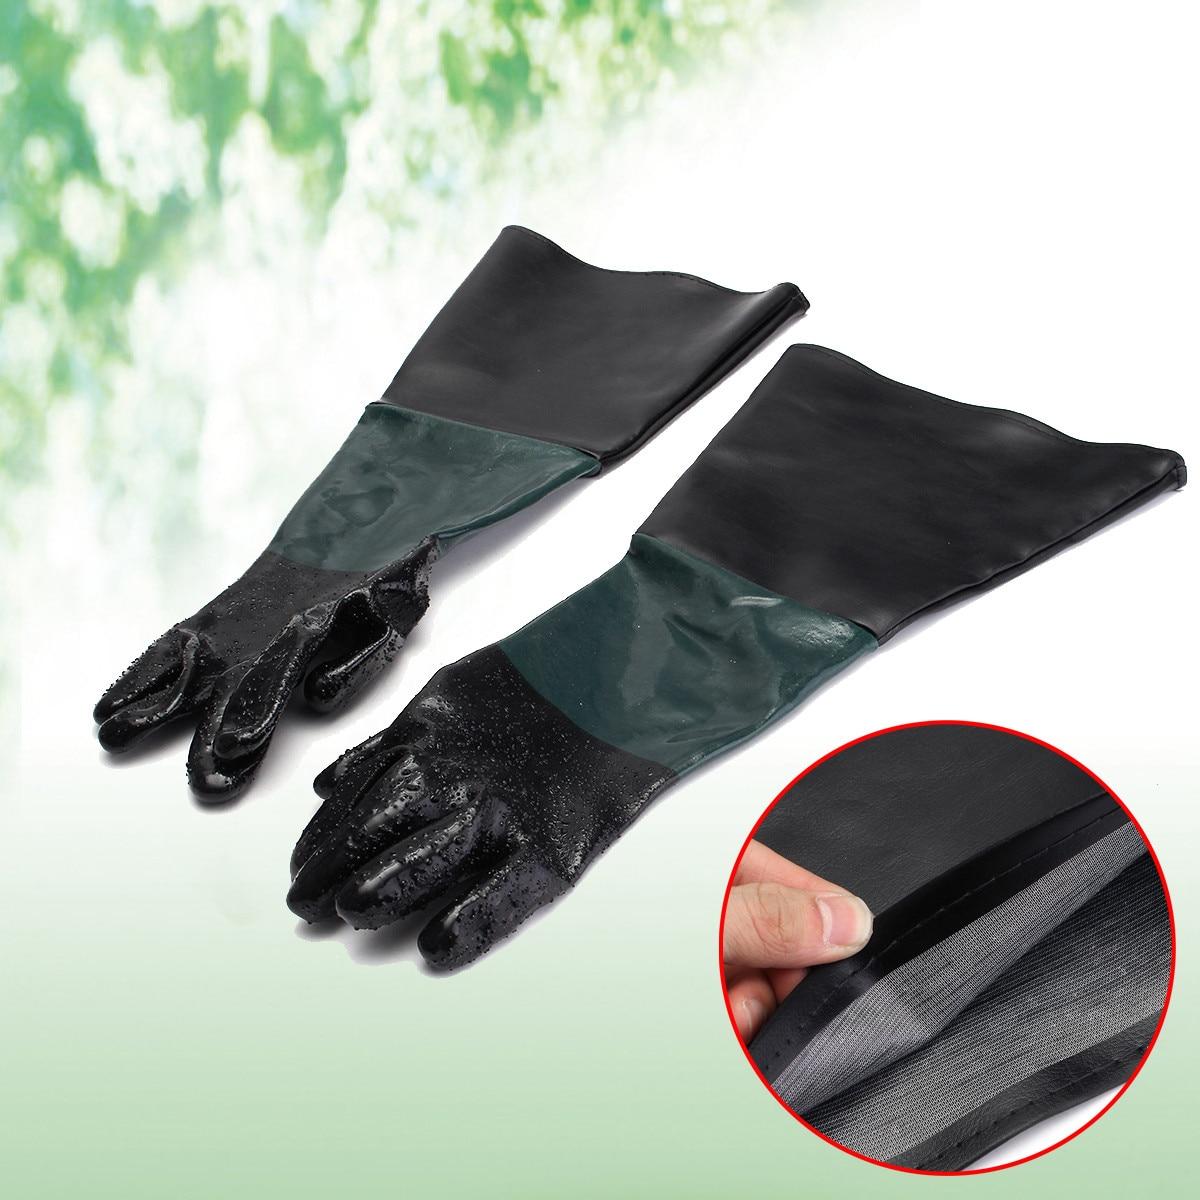 24''x10'' Rubber Sandblaster Sand Blast Sandblasting Gloves For Sandblast Cabinets Safety Glove